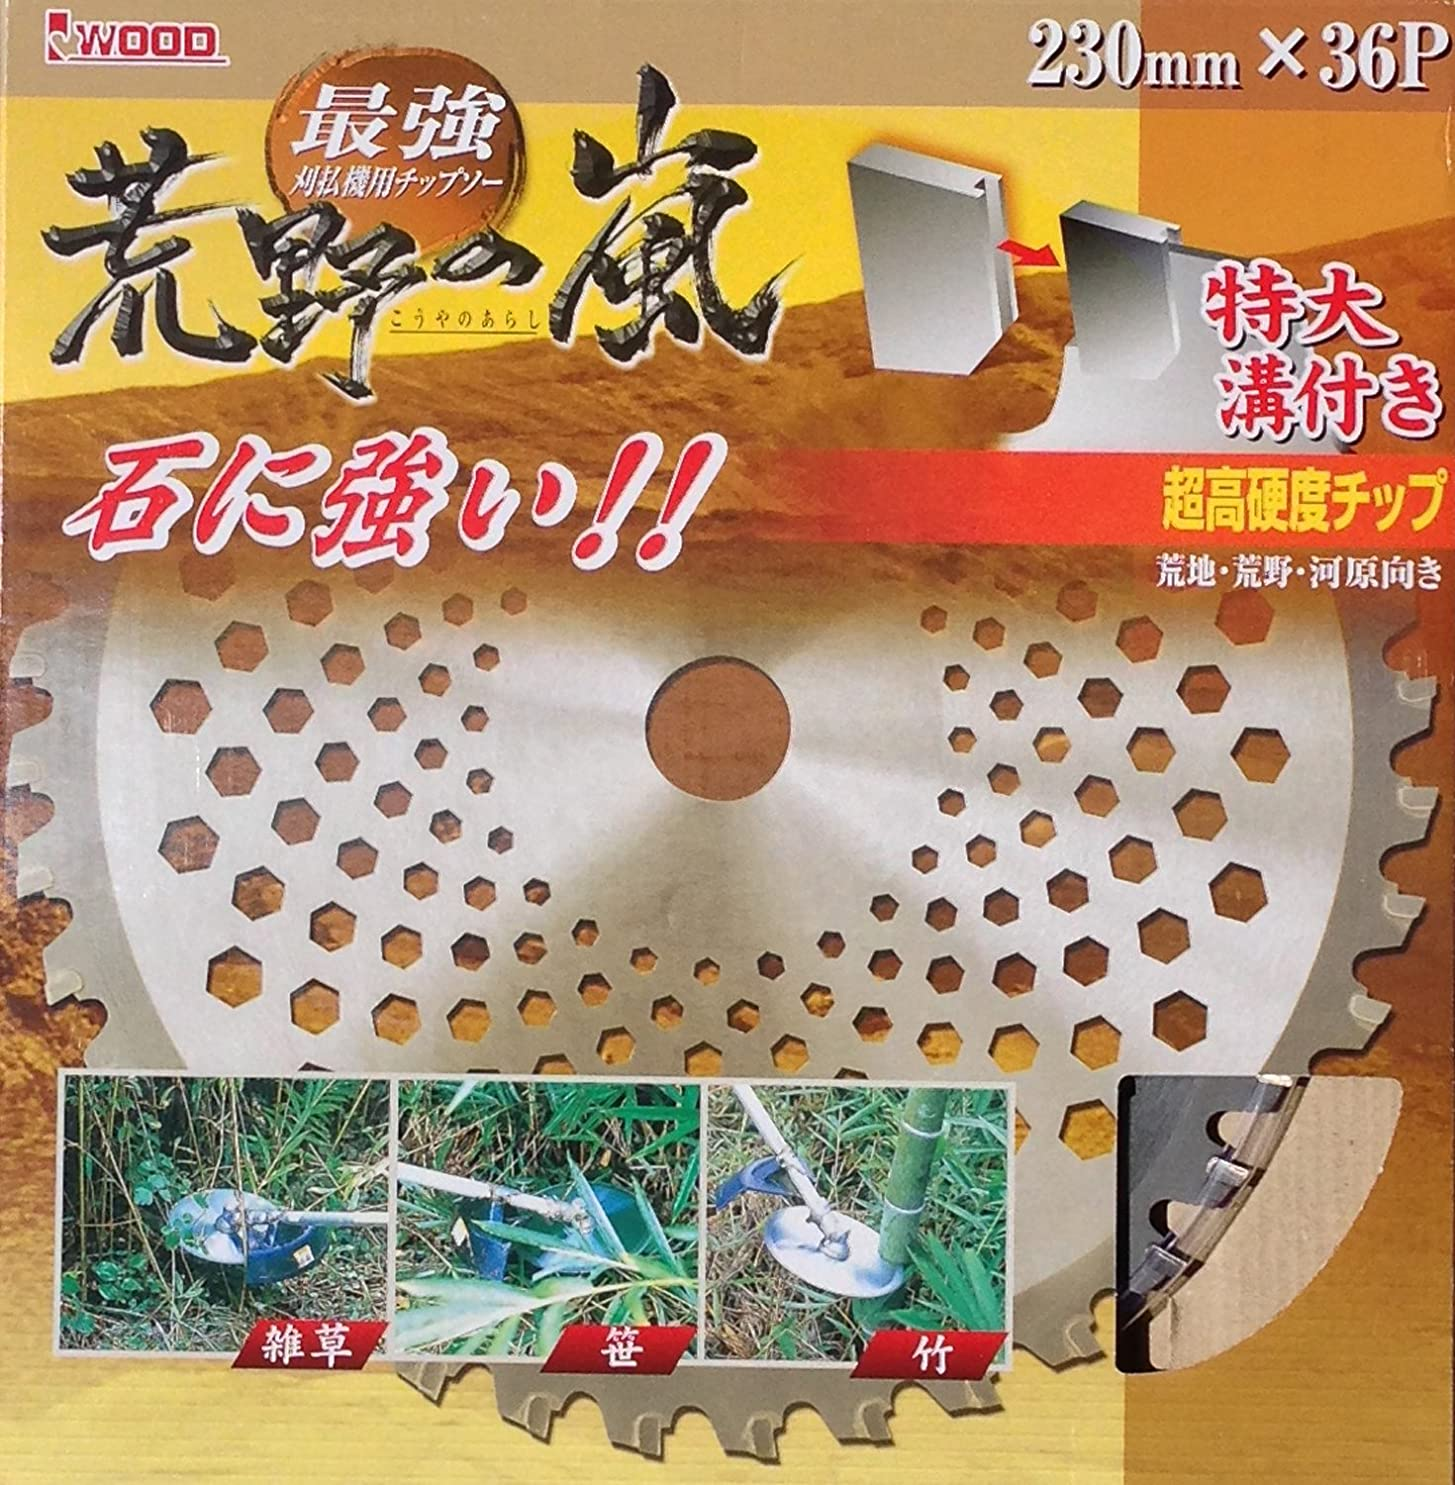 アイウッド 特殊型仕様チップソー 荒野の嵐 230mm 36P 99067